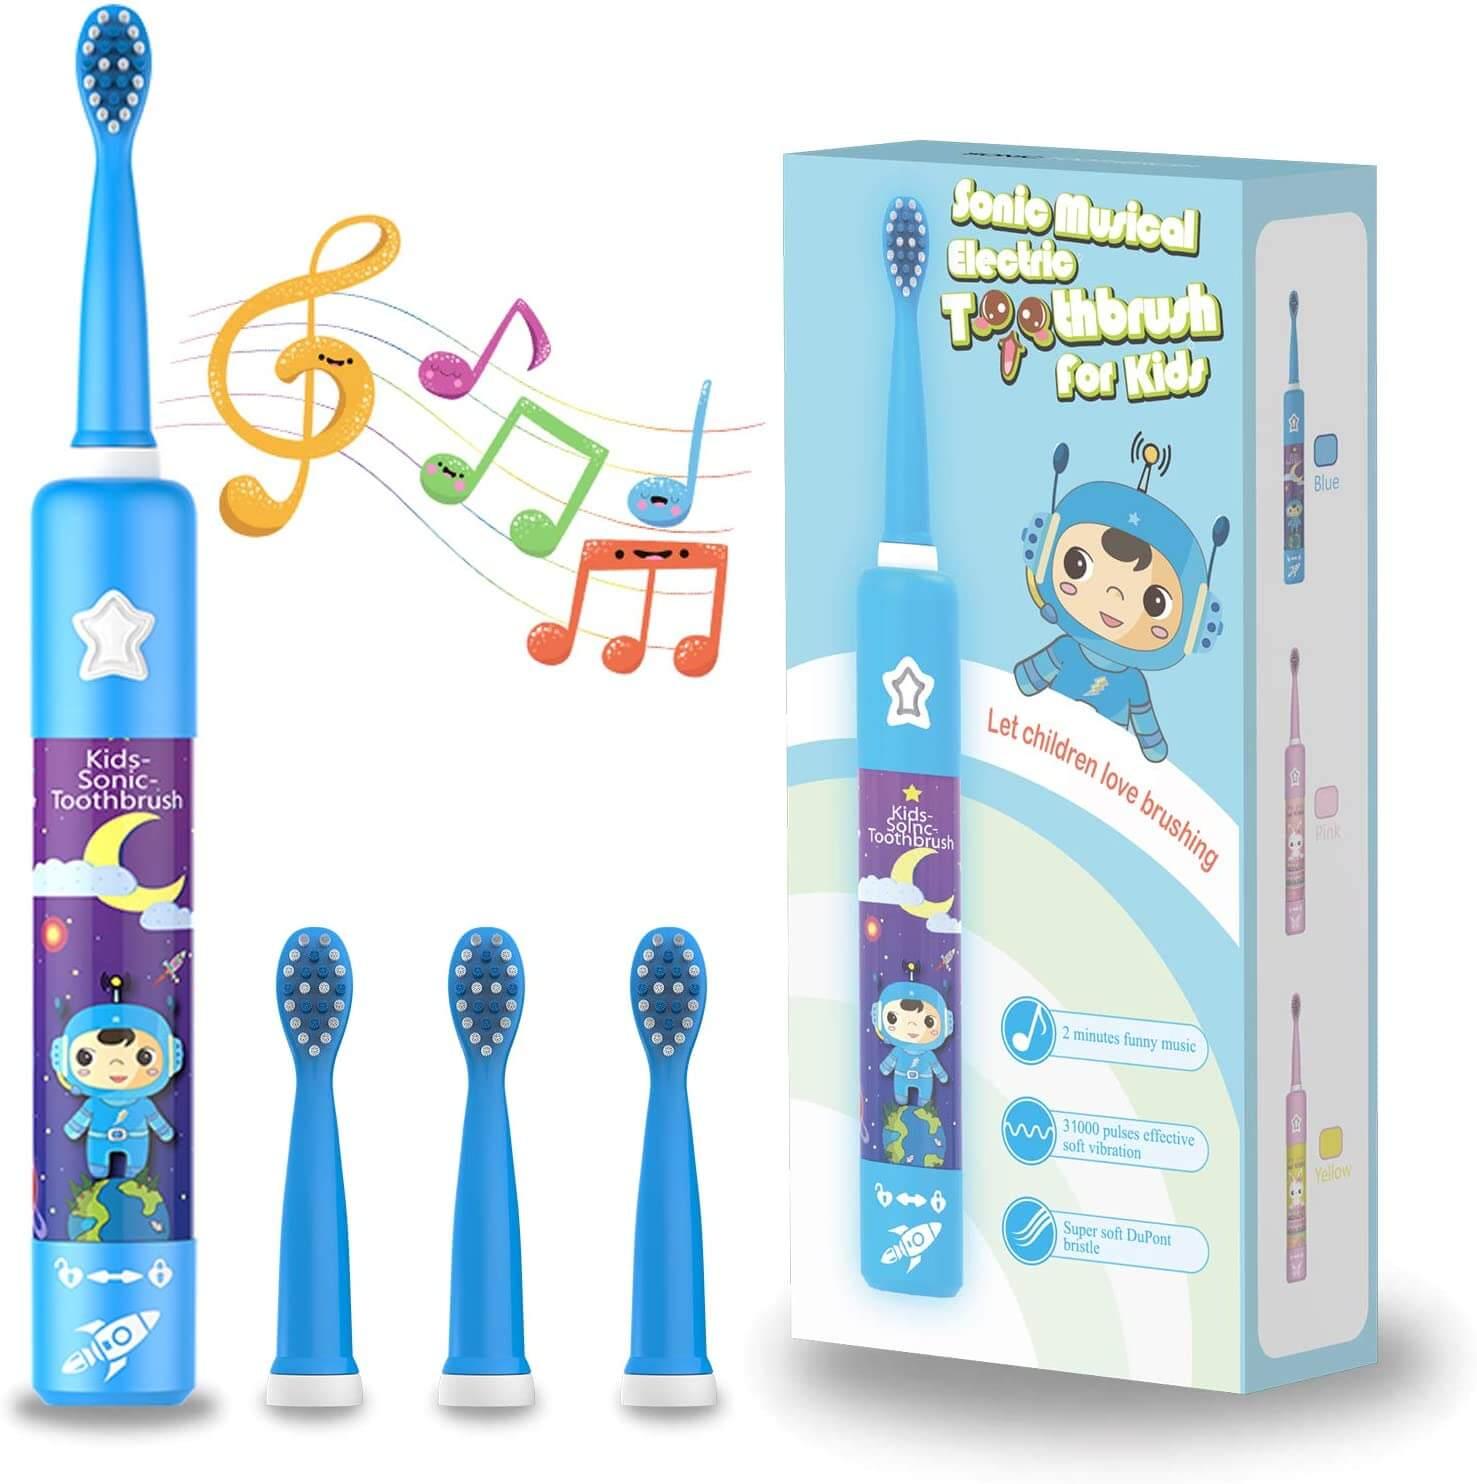 spazzolino elettrico per bambini chain peak